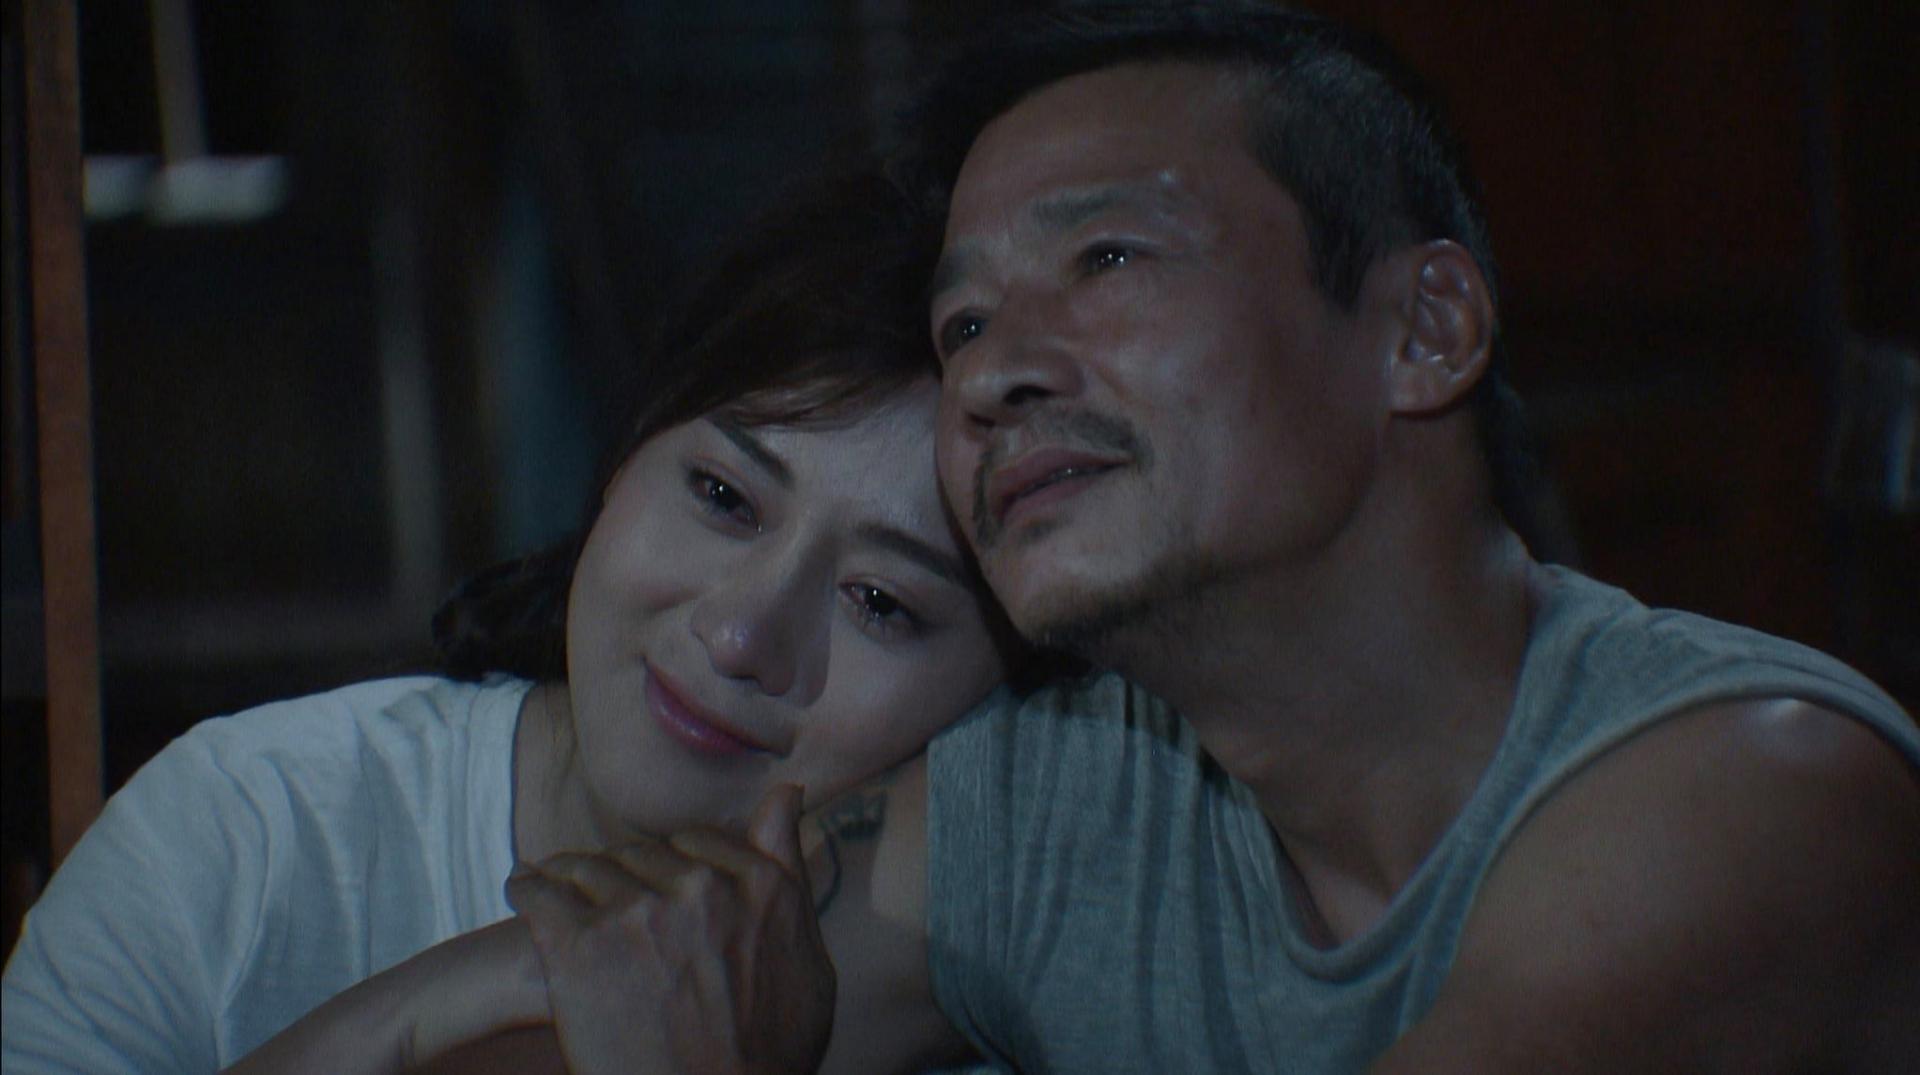 Hương vị tình thân: Lộ cảnh Nam khóc nấc khi ông Sinh bị bắt lần 2, Long tận tình an ủi người yêu? 2